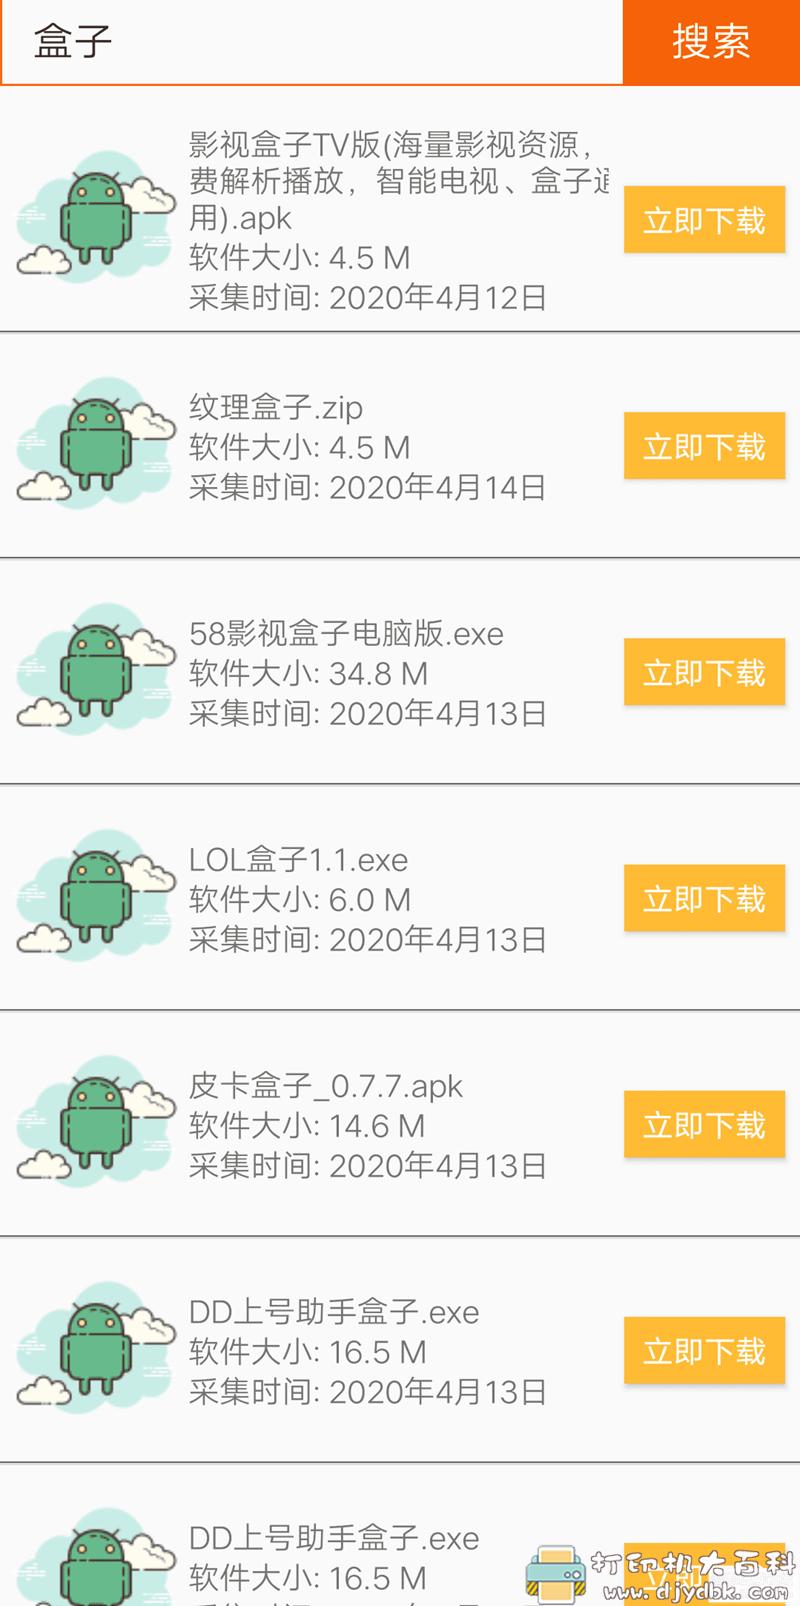 安卓蓝奏云搜索工具 云搜索v1.1 配图 No.2